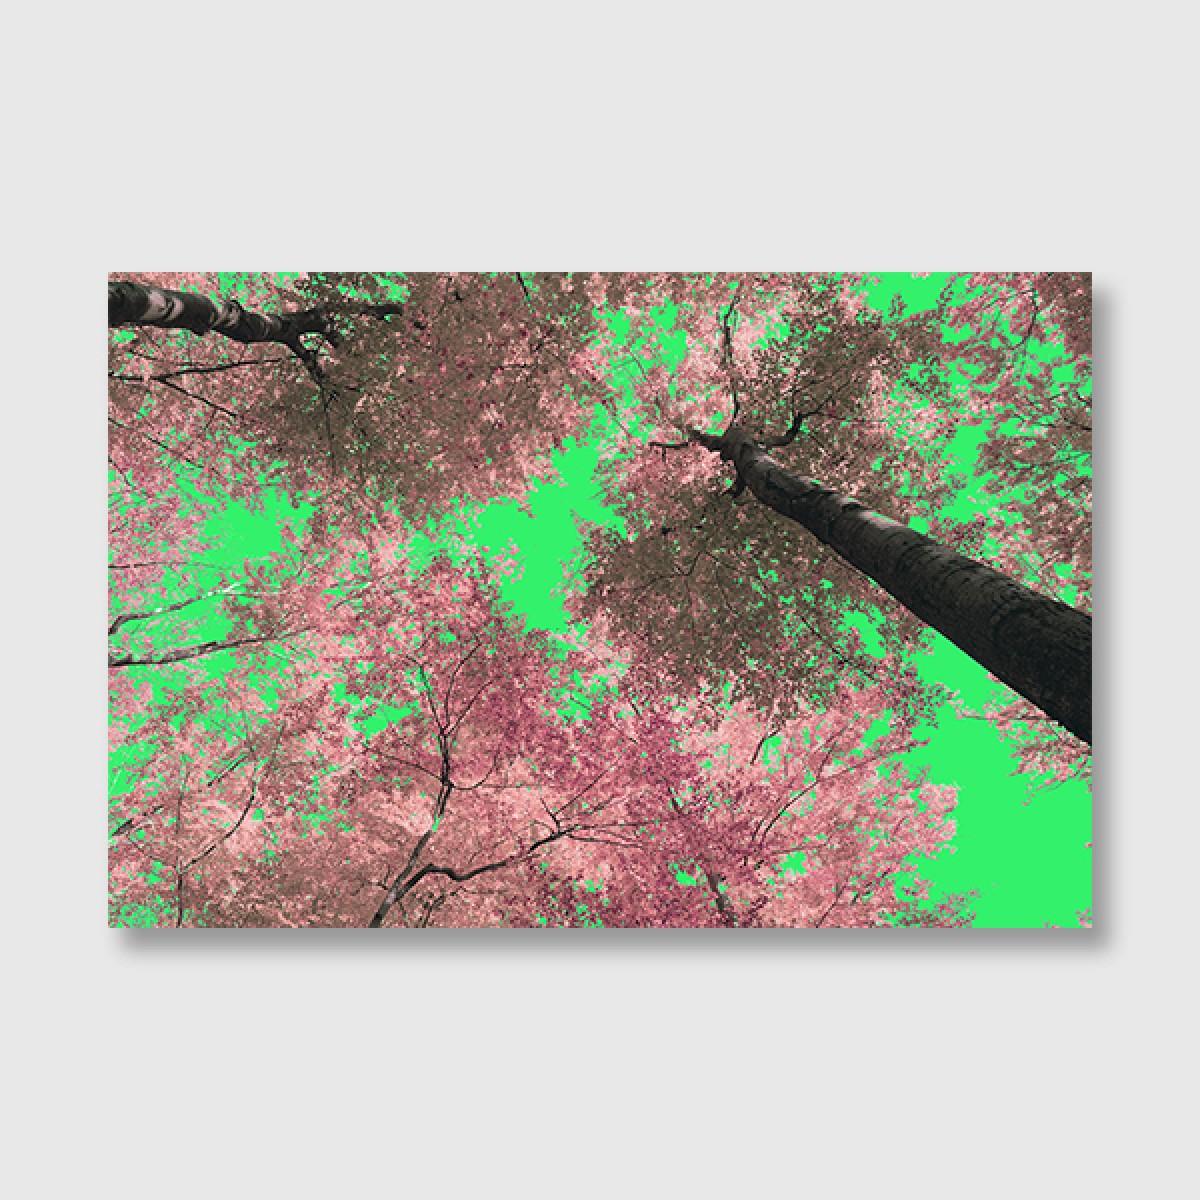 """ZEITLOOPS """"Trees in love"""", Posterprint 40x60 cm"""